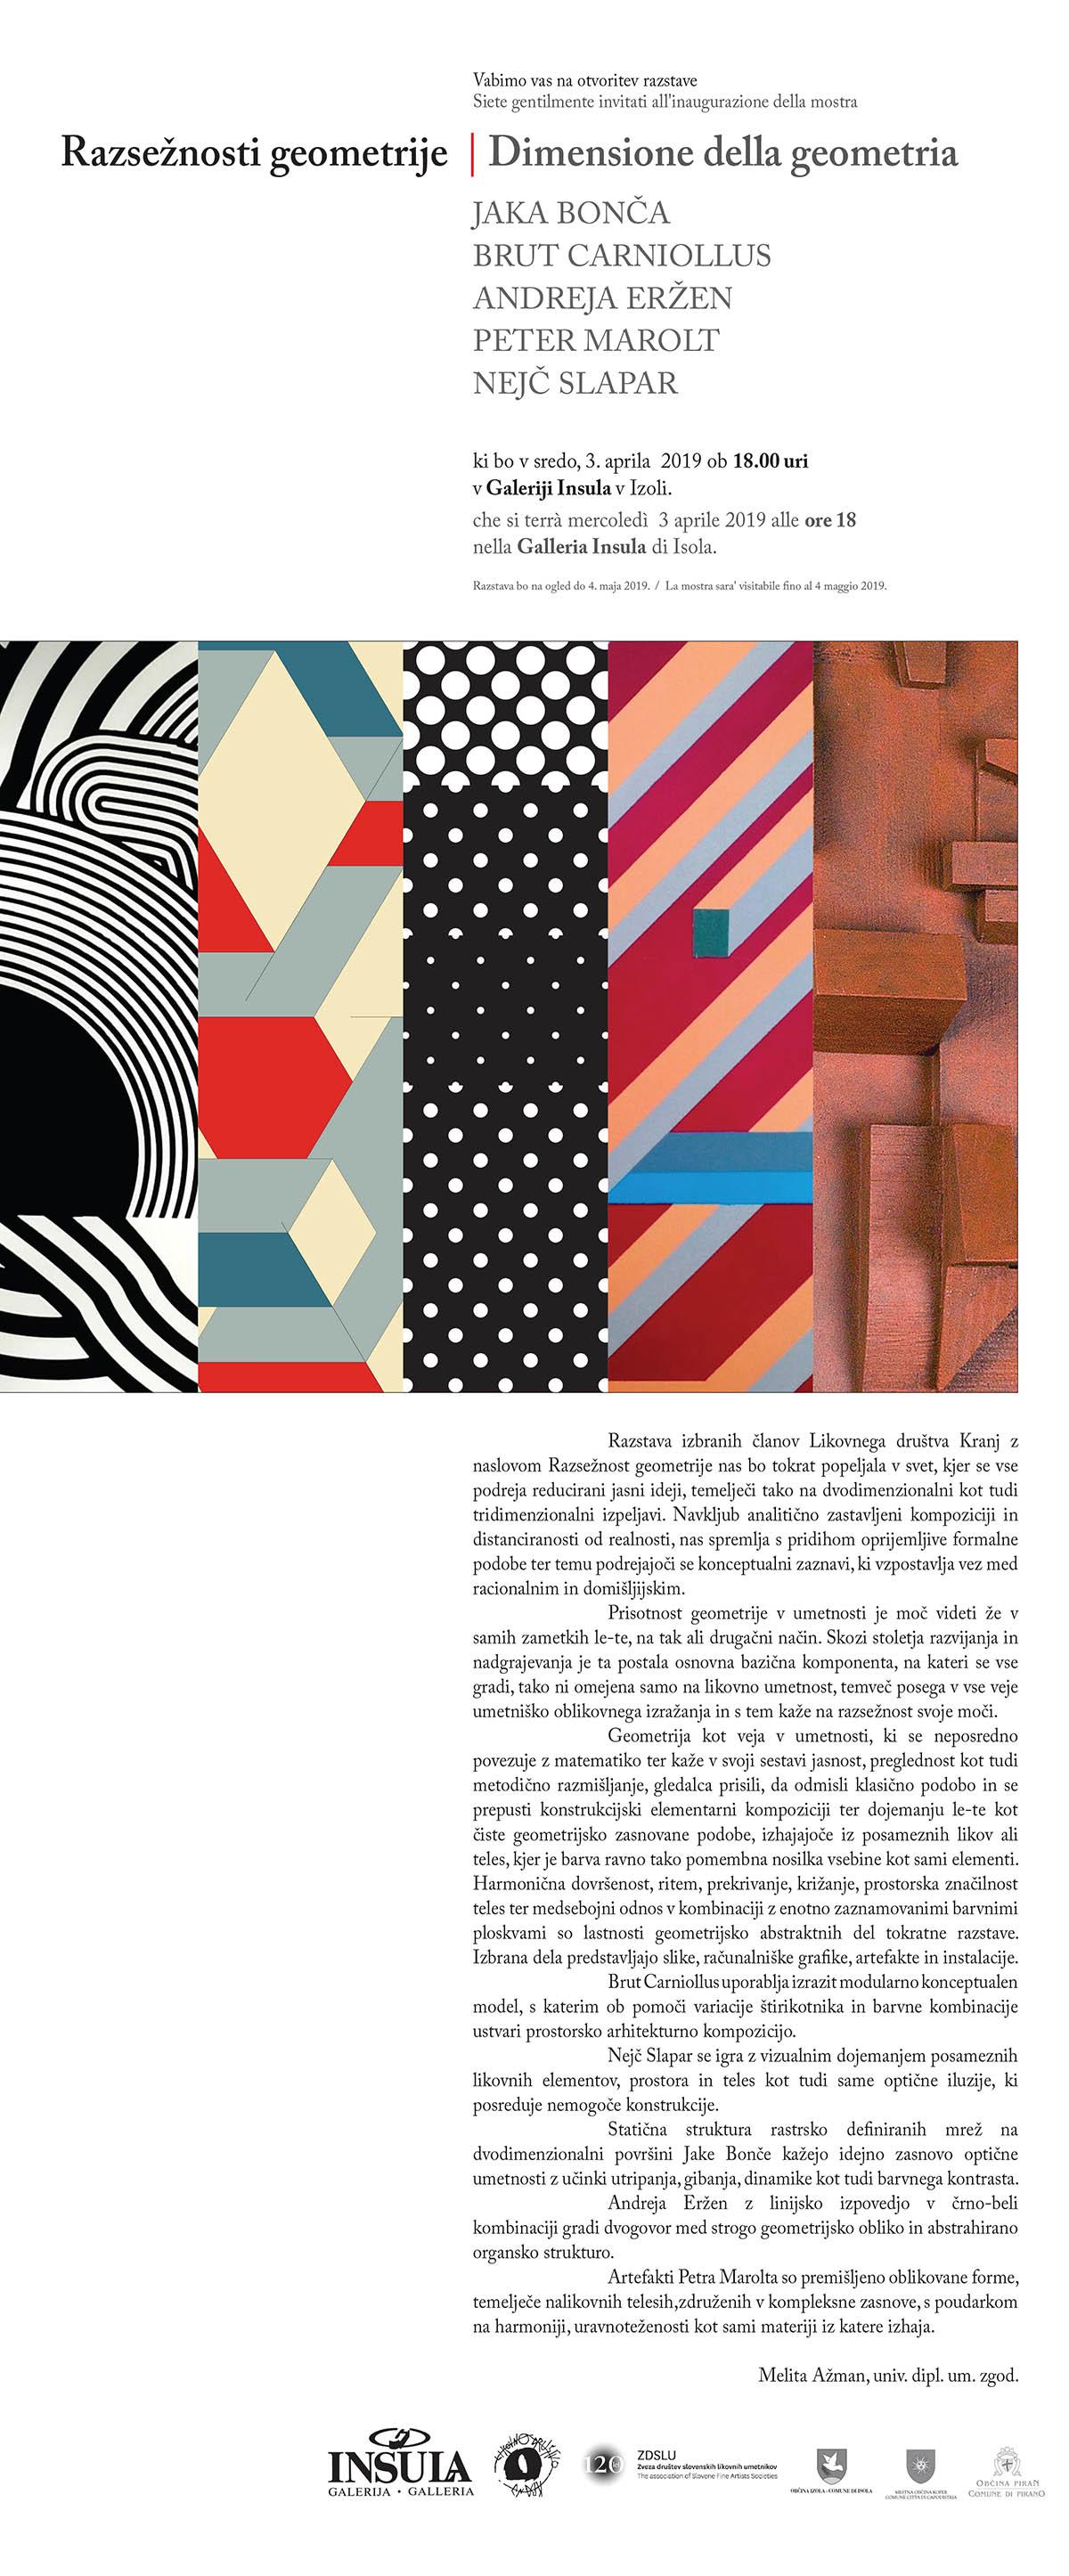 Razsežnosti geometrije | Dimensione della geometria